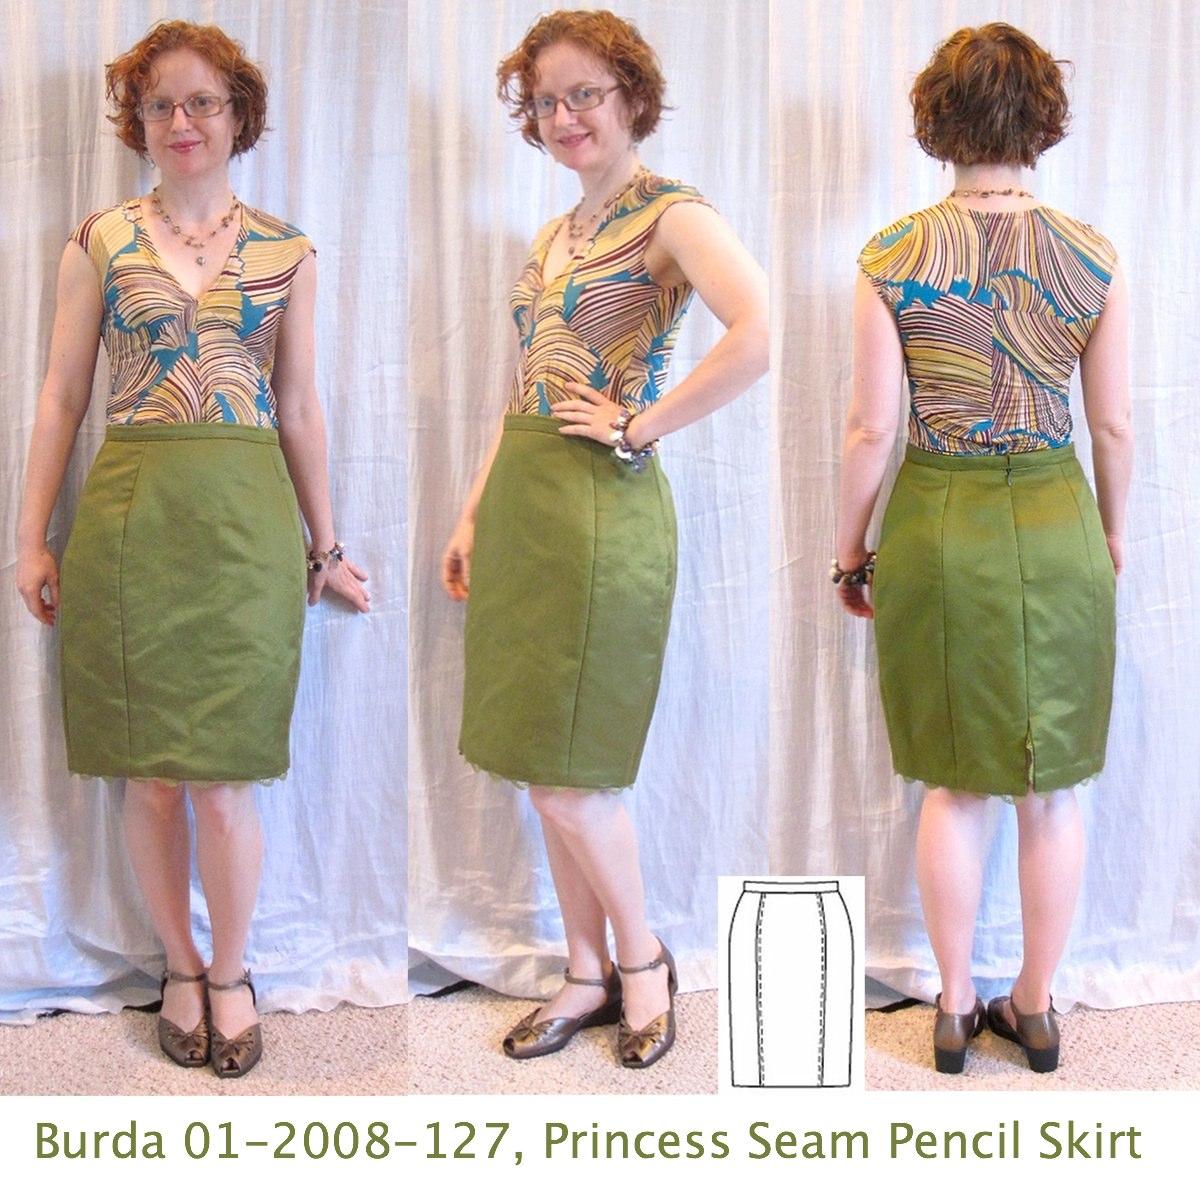 Burda 01-2008-127 Thumbnail